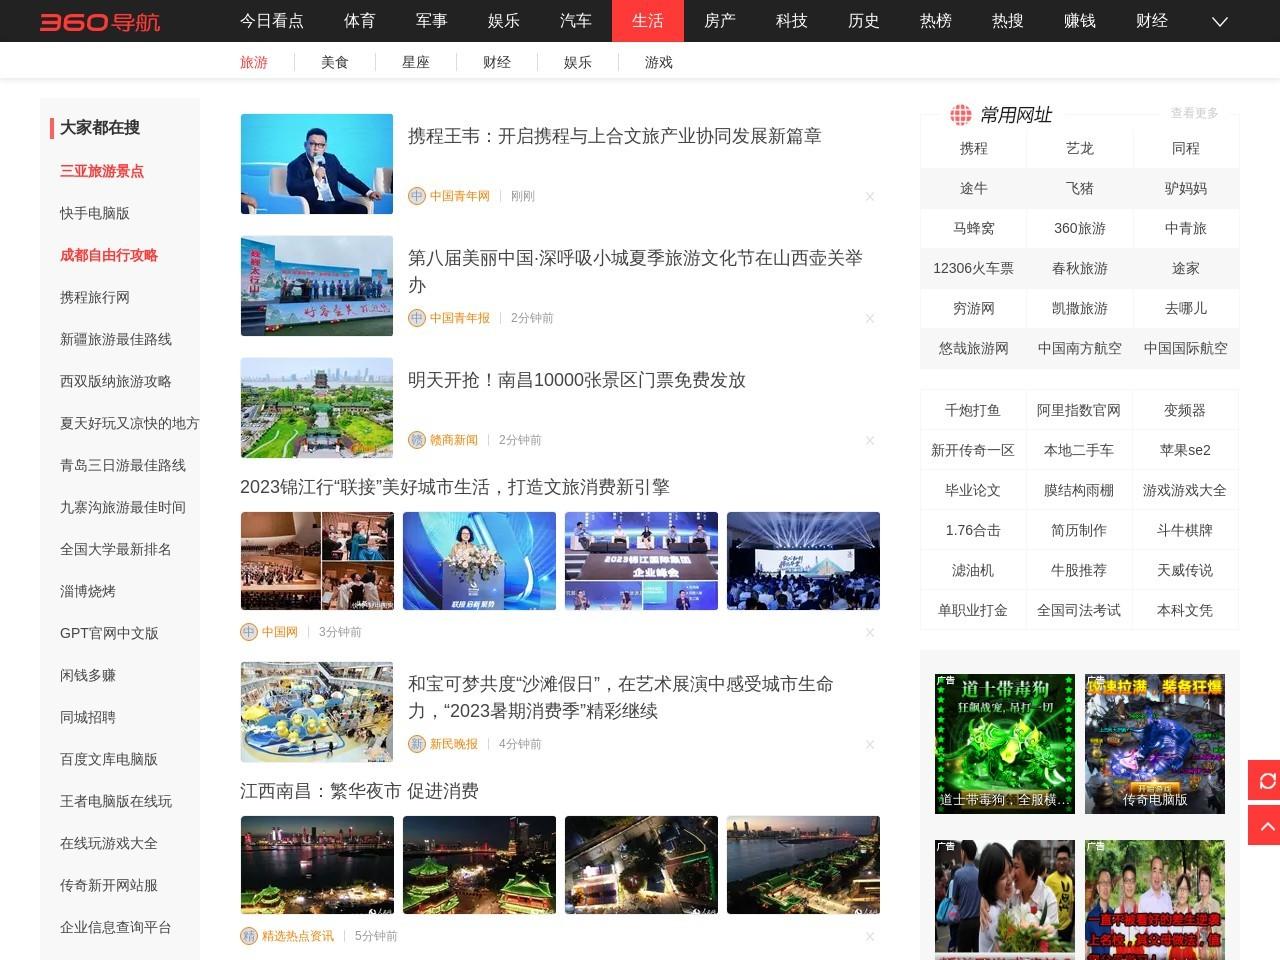 生活频道_360导航上网主页